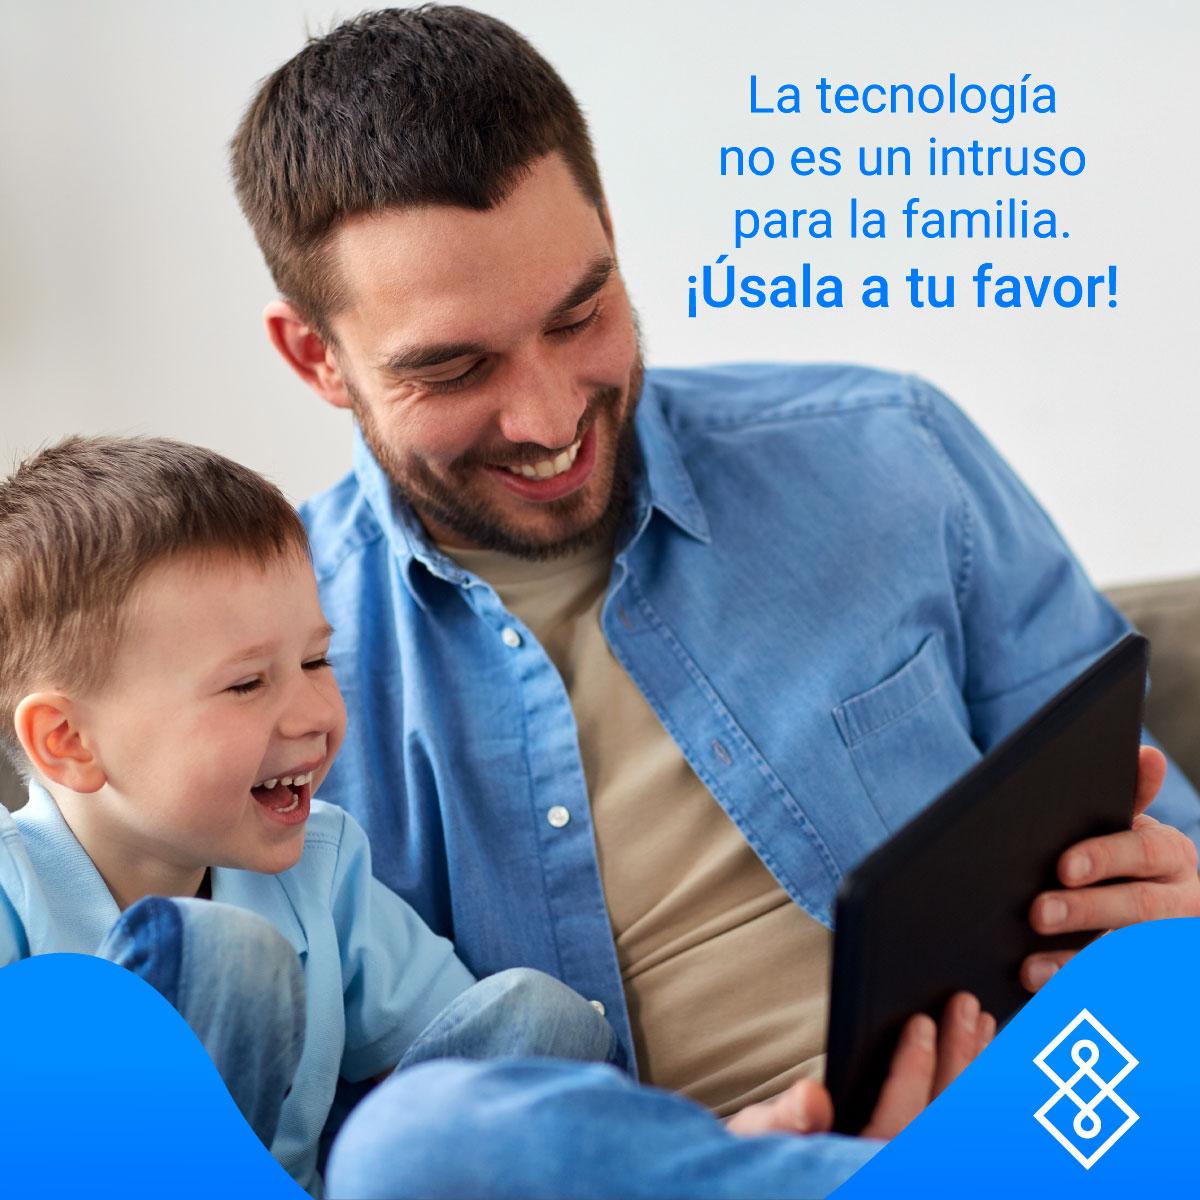 """El uso y el tiempo de la tecnología es uno de los principales conflictos para el 74% de las familias, aunque seis de cada diez reconoce que """"las pantallas están teniendo un papel favorable en la gestión de la actividad familiar""""  Con #UnioApp puedes evitarlo. ¡Descárgalo ahora! https://t.co/a4rnwot4lr"""